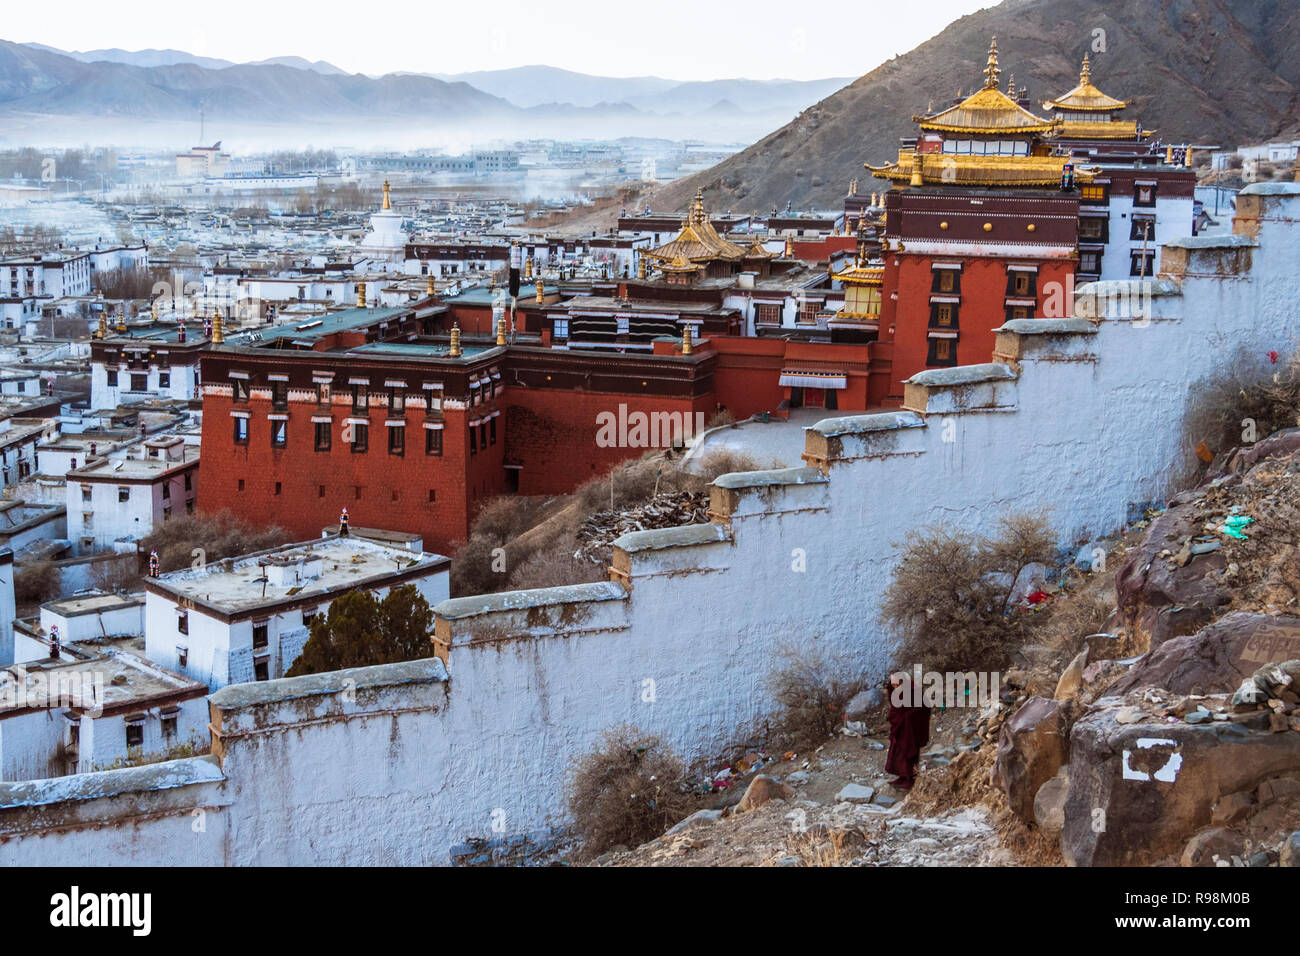 Shigatse, dans la région autonome du Tibet, Chine: un moine bouddhiste à pied à l'extérieur des murs du monastère de Tashi Lhunpo, siège traditionnel du Panchen Lama Photo Stock